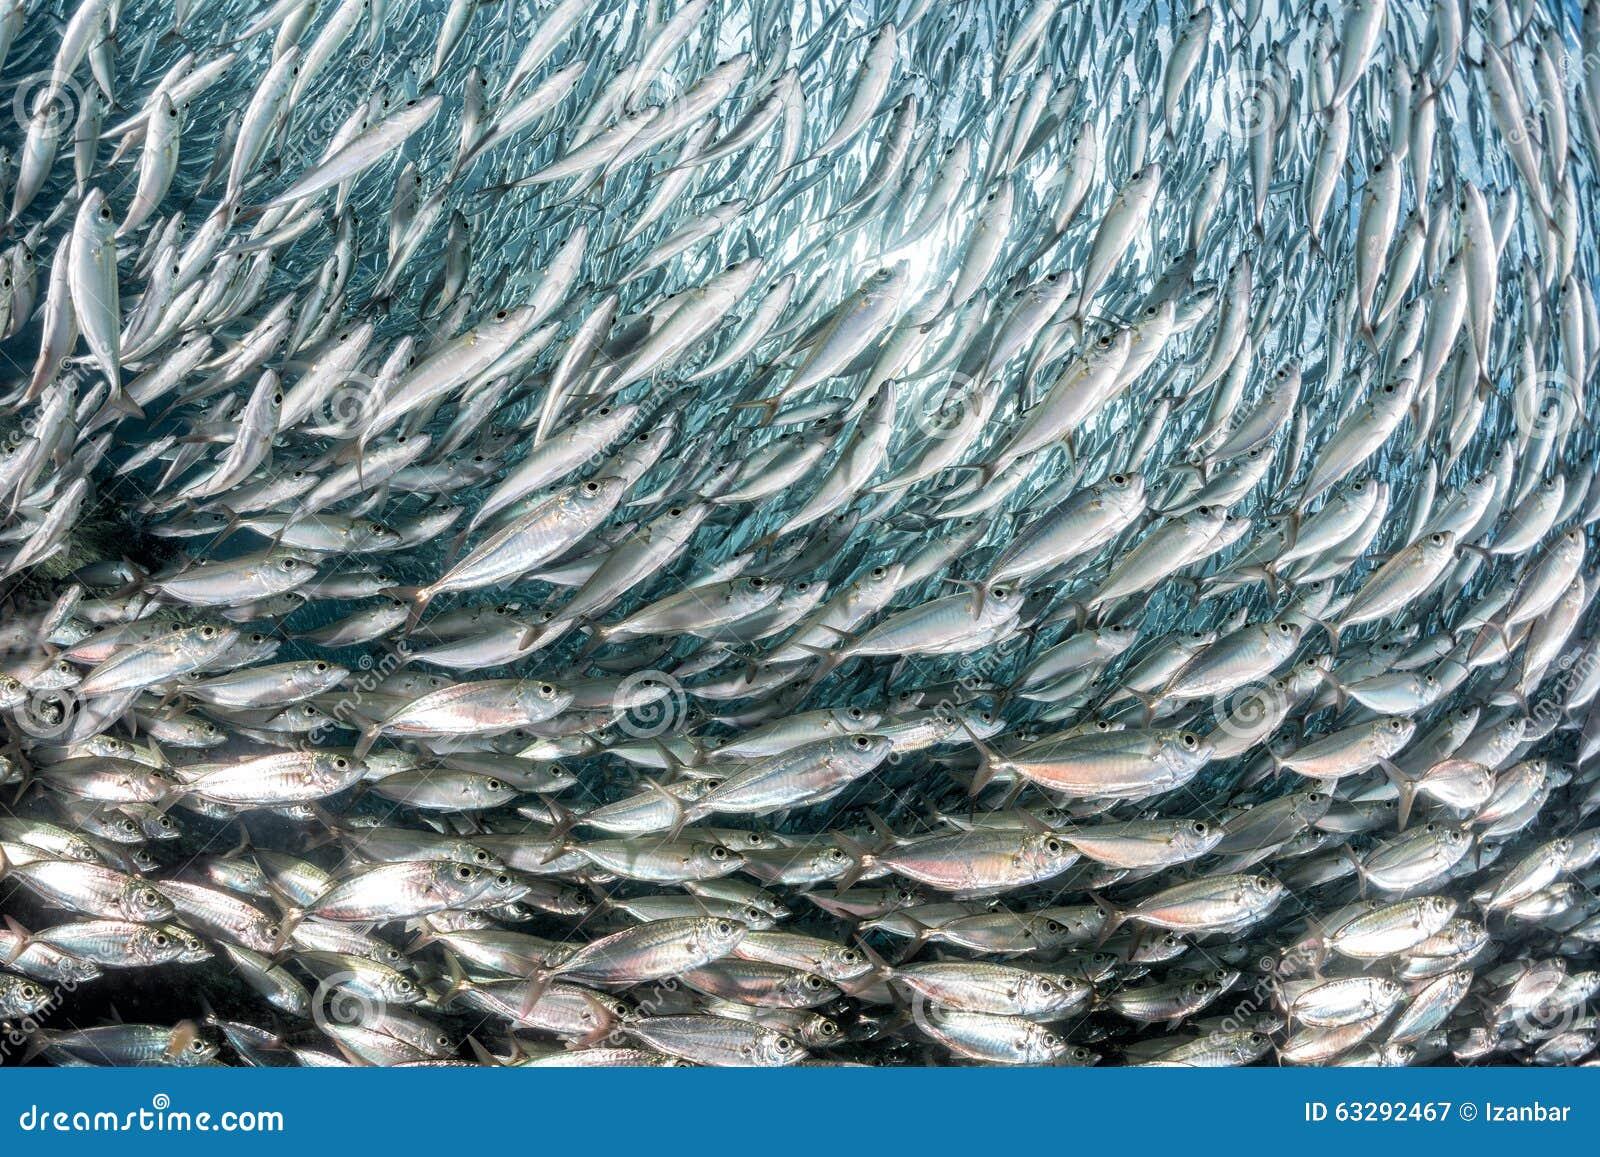 Sardine School Of Fish Underwater Stock Photo - Image: 63292467